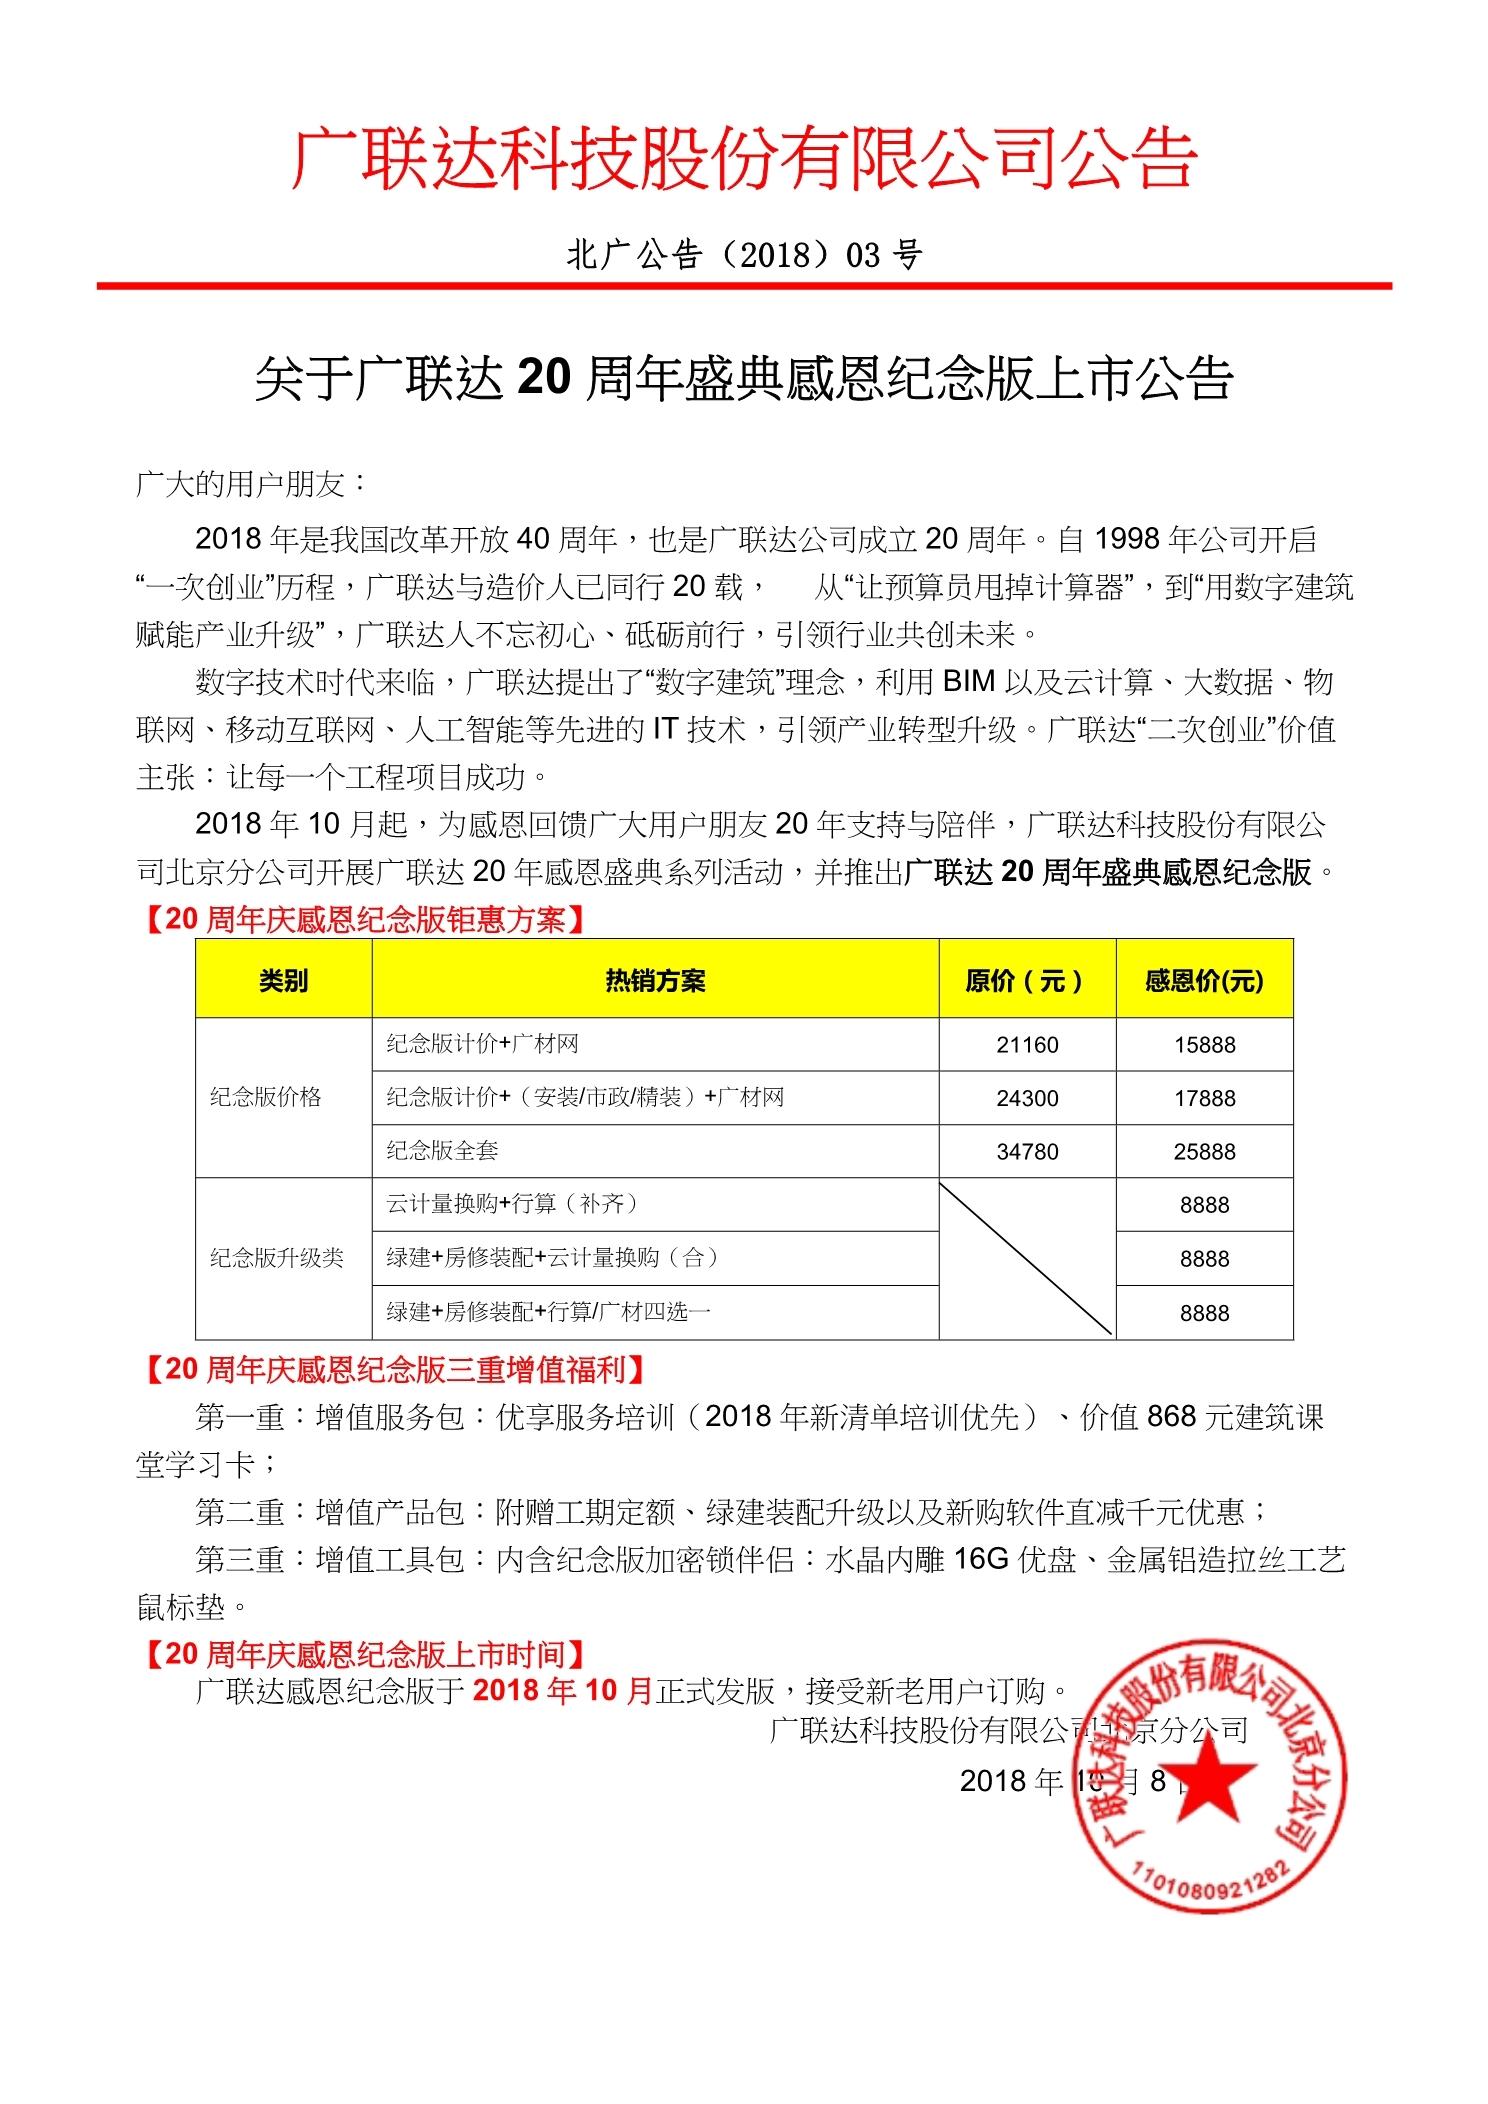 广联达北京20年盛典感恩纪念版上市公告3.jpg